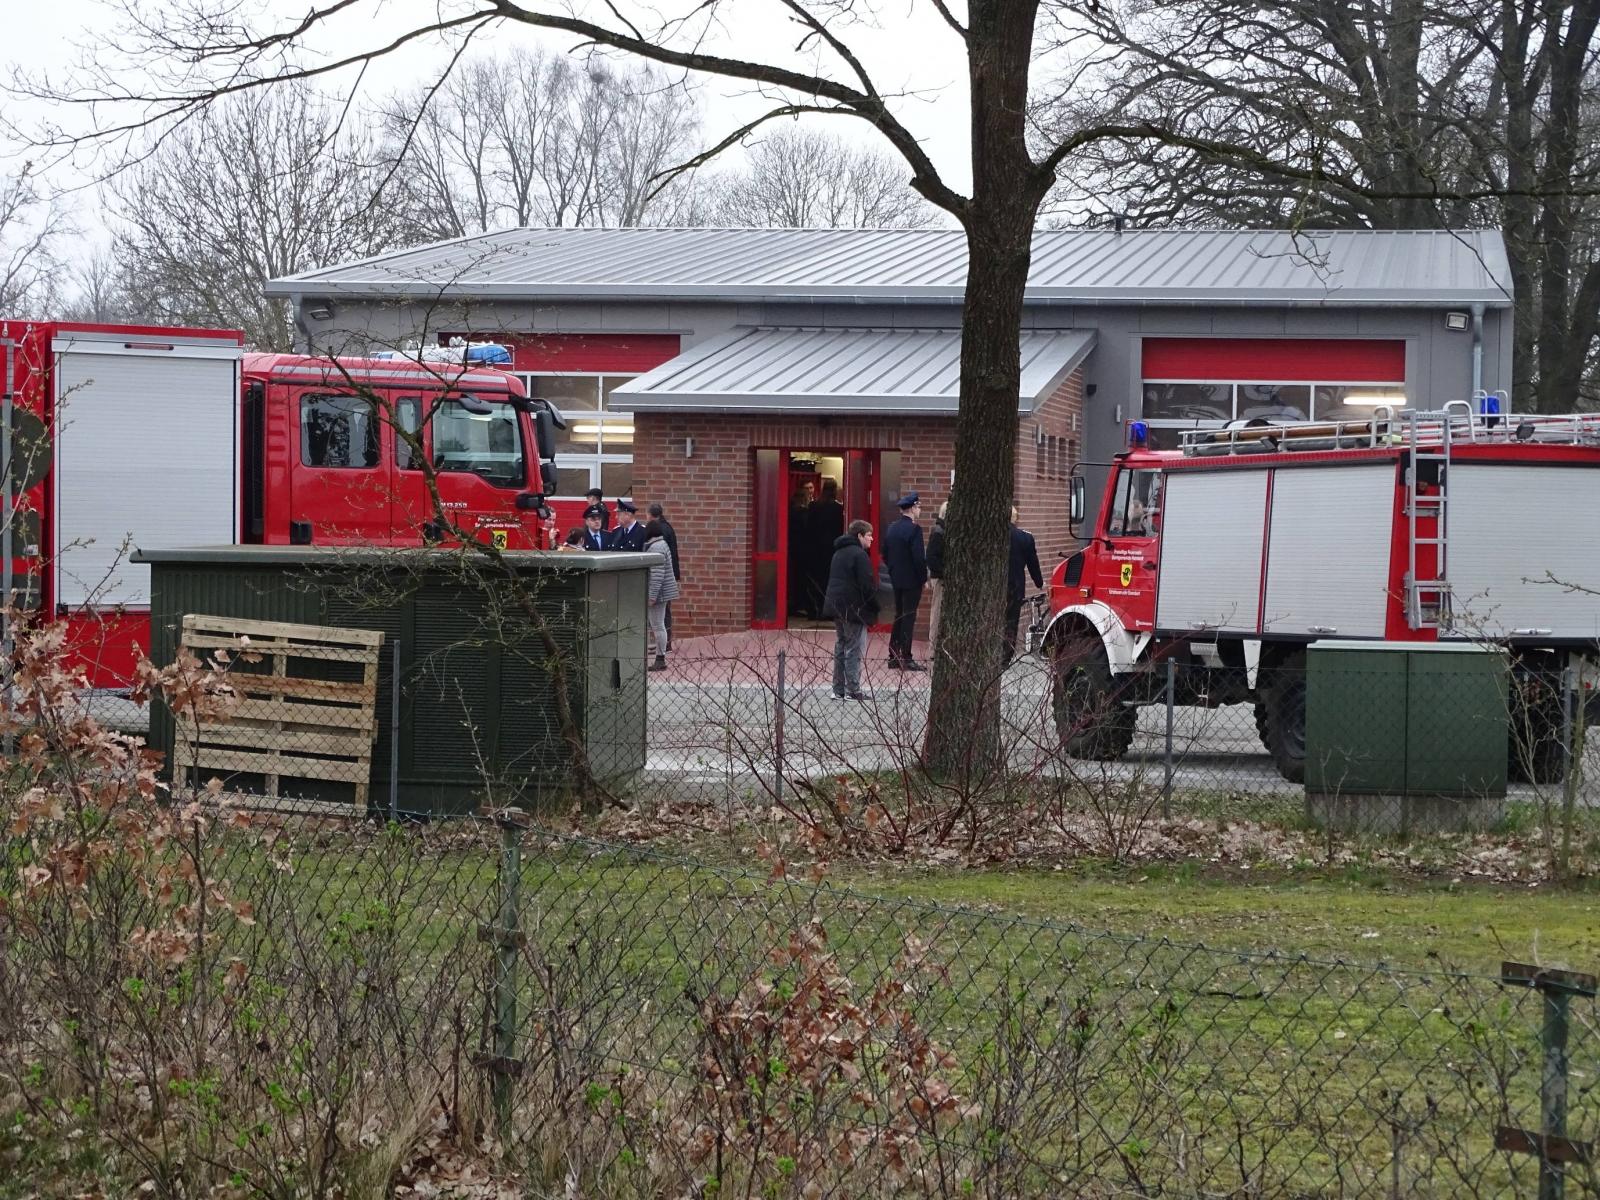 2019_04_05- Einweihung Geraetehaus-Evendorf-10